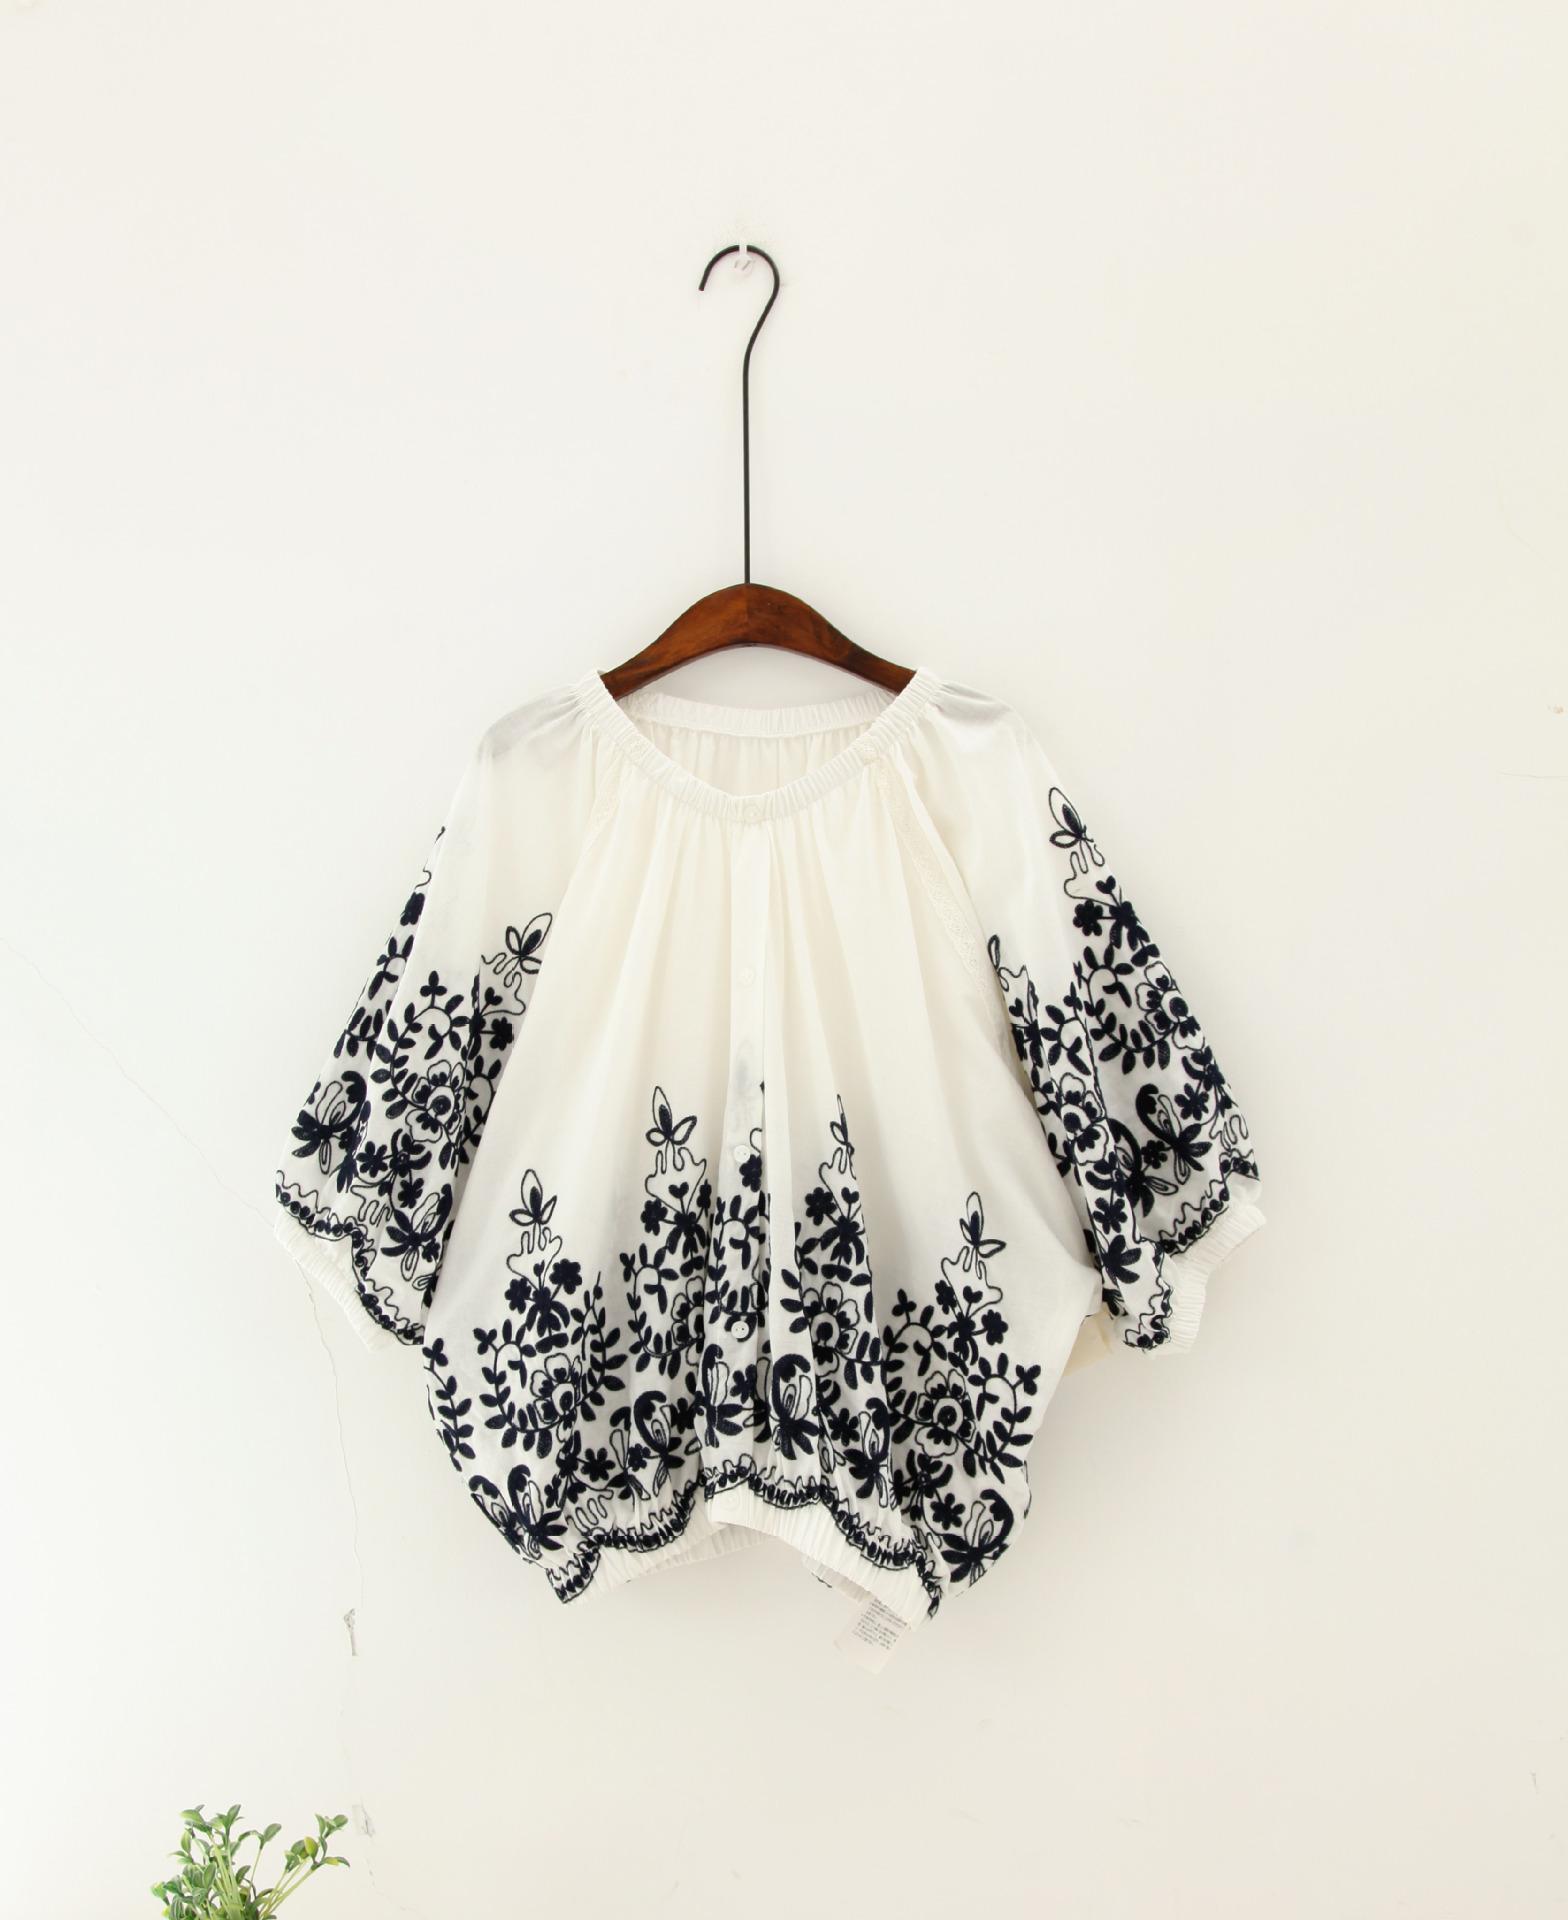 凡士利女装*日系和风蔷薇花刺绣灯笼棉衬衣 蝙蝠衫3023新锐 白色 均码